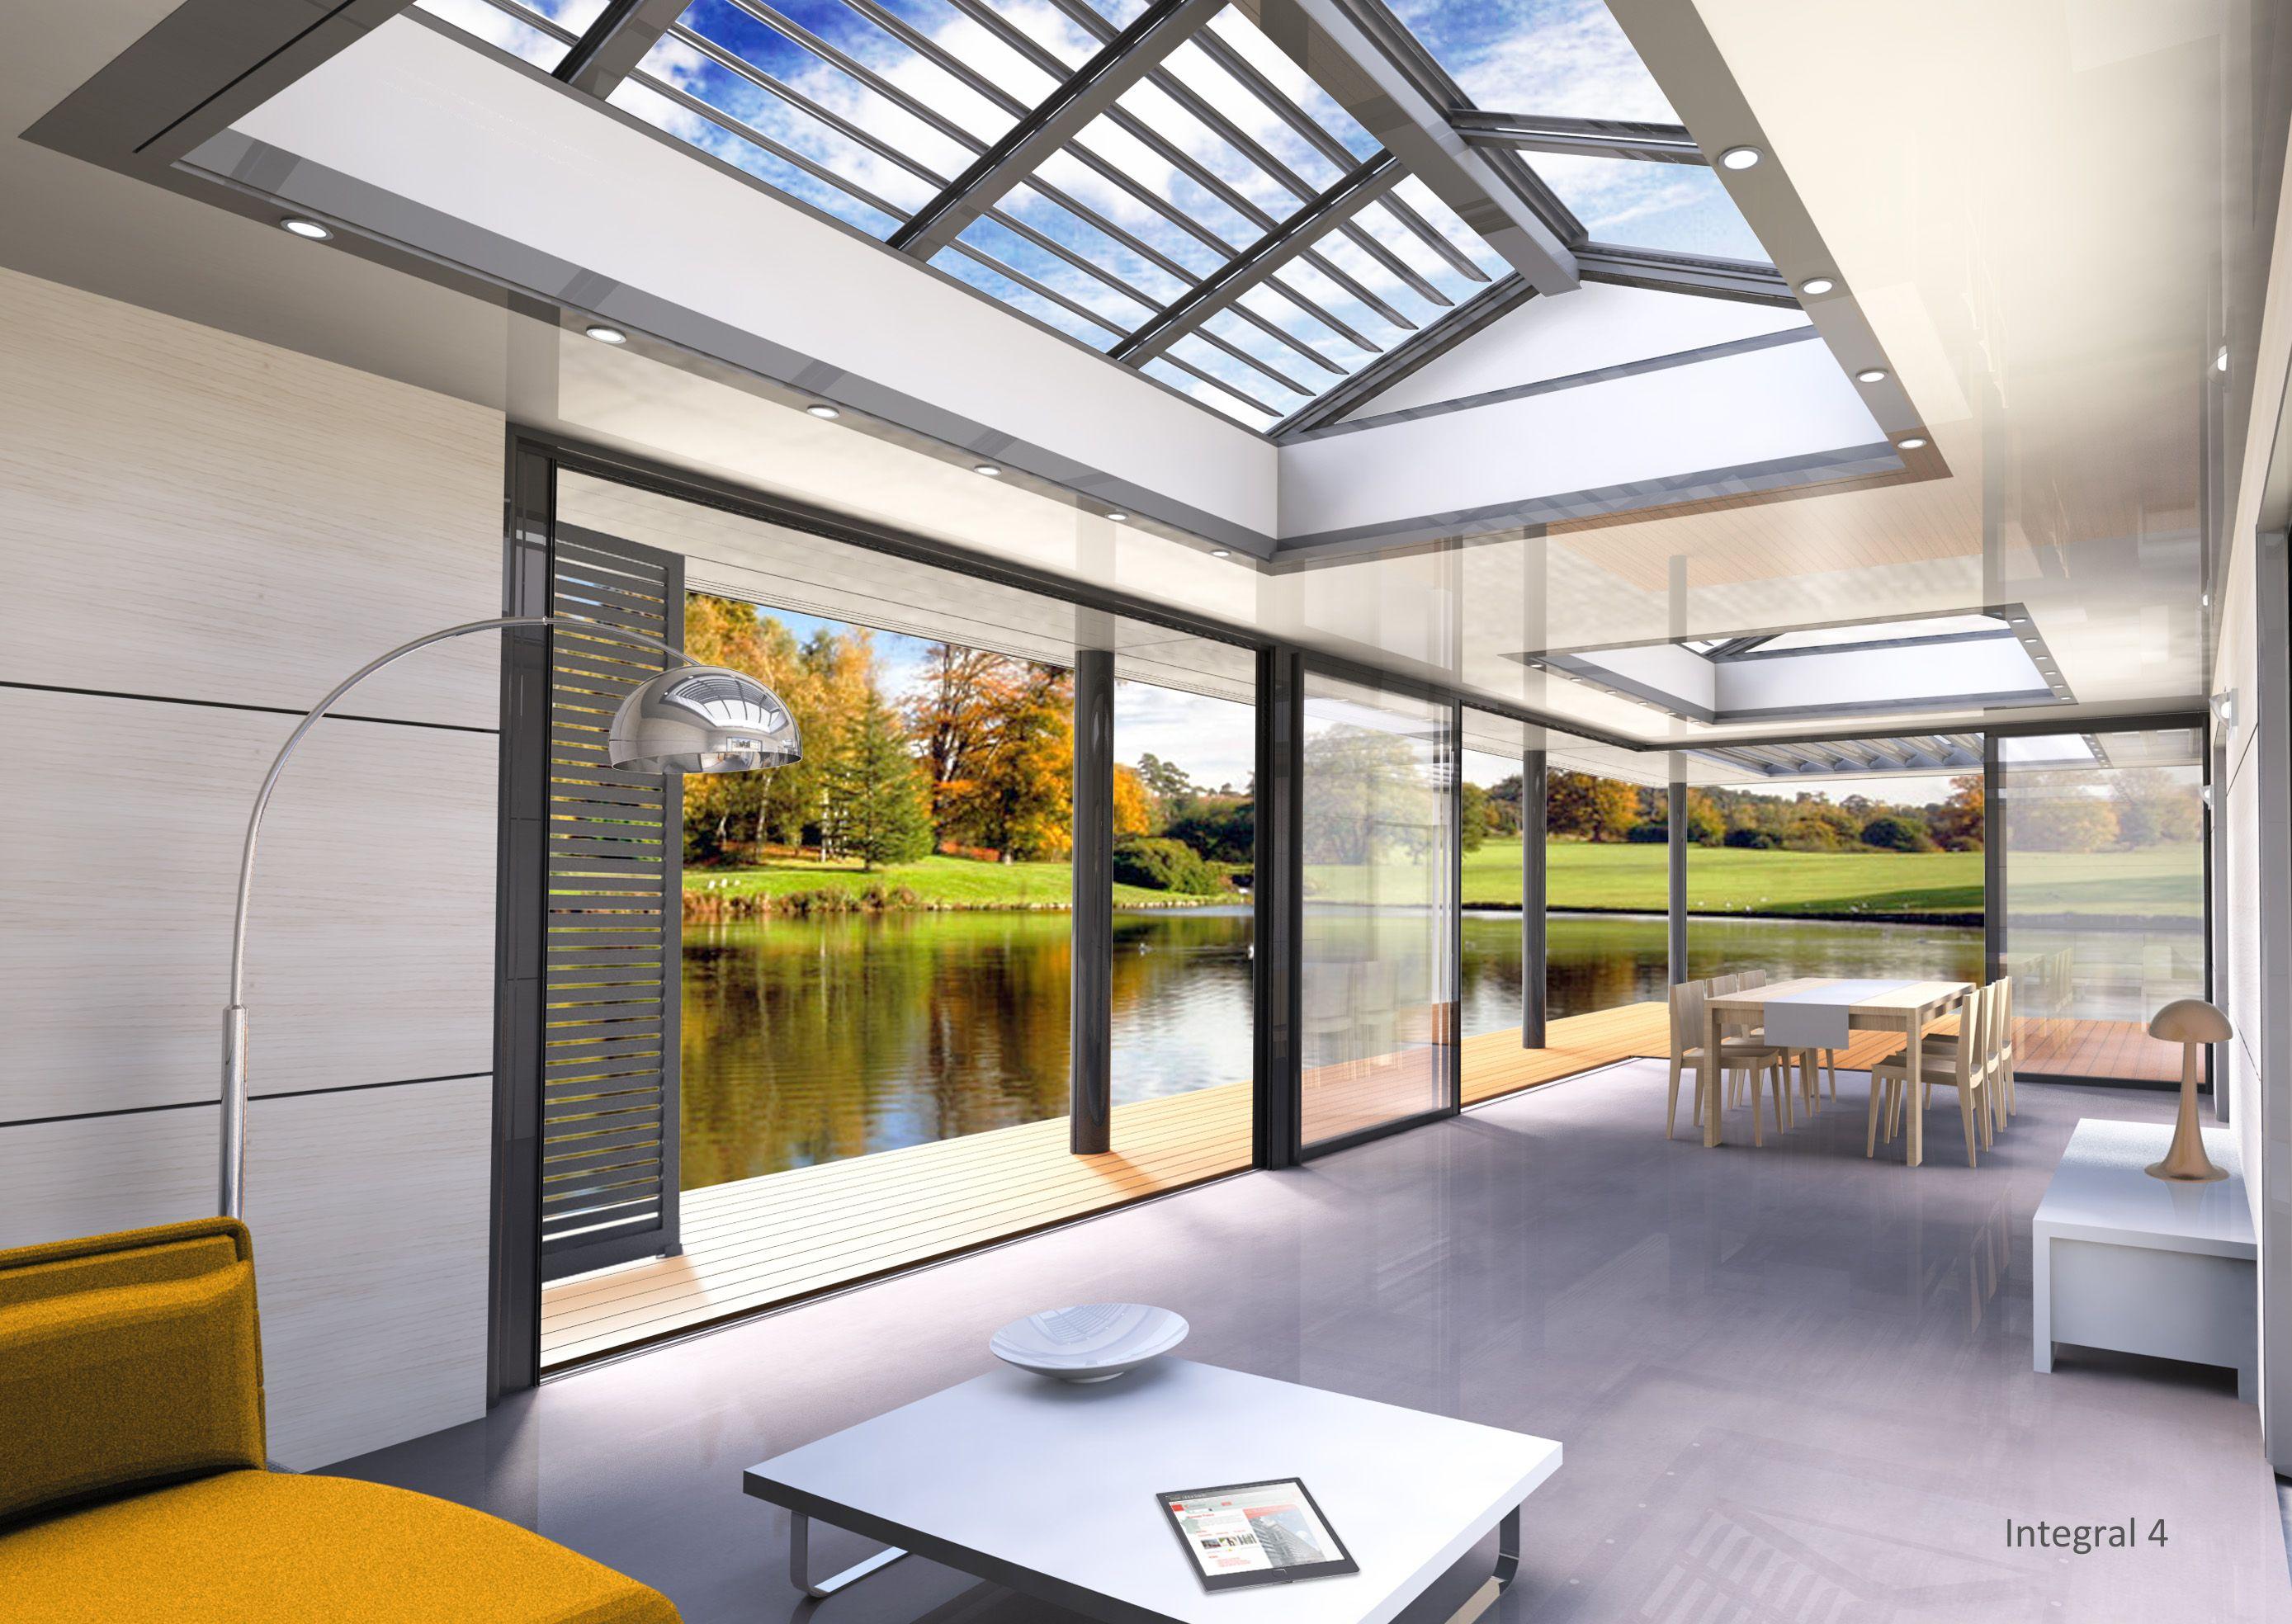 cet exemple d 39 extension maison permet ses propri taires. Black Bedroom Furniture Sets. Home Design Ideas